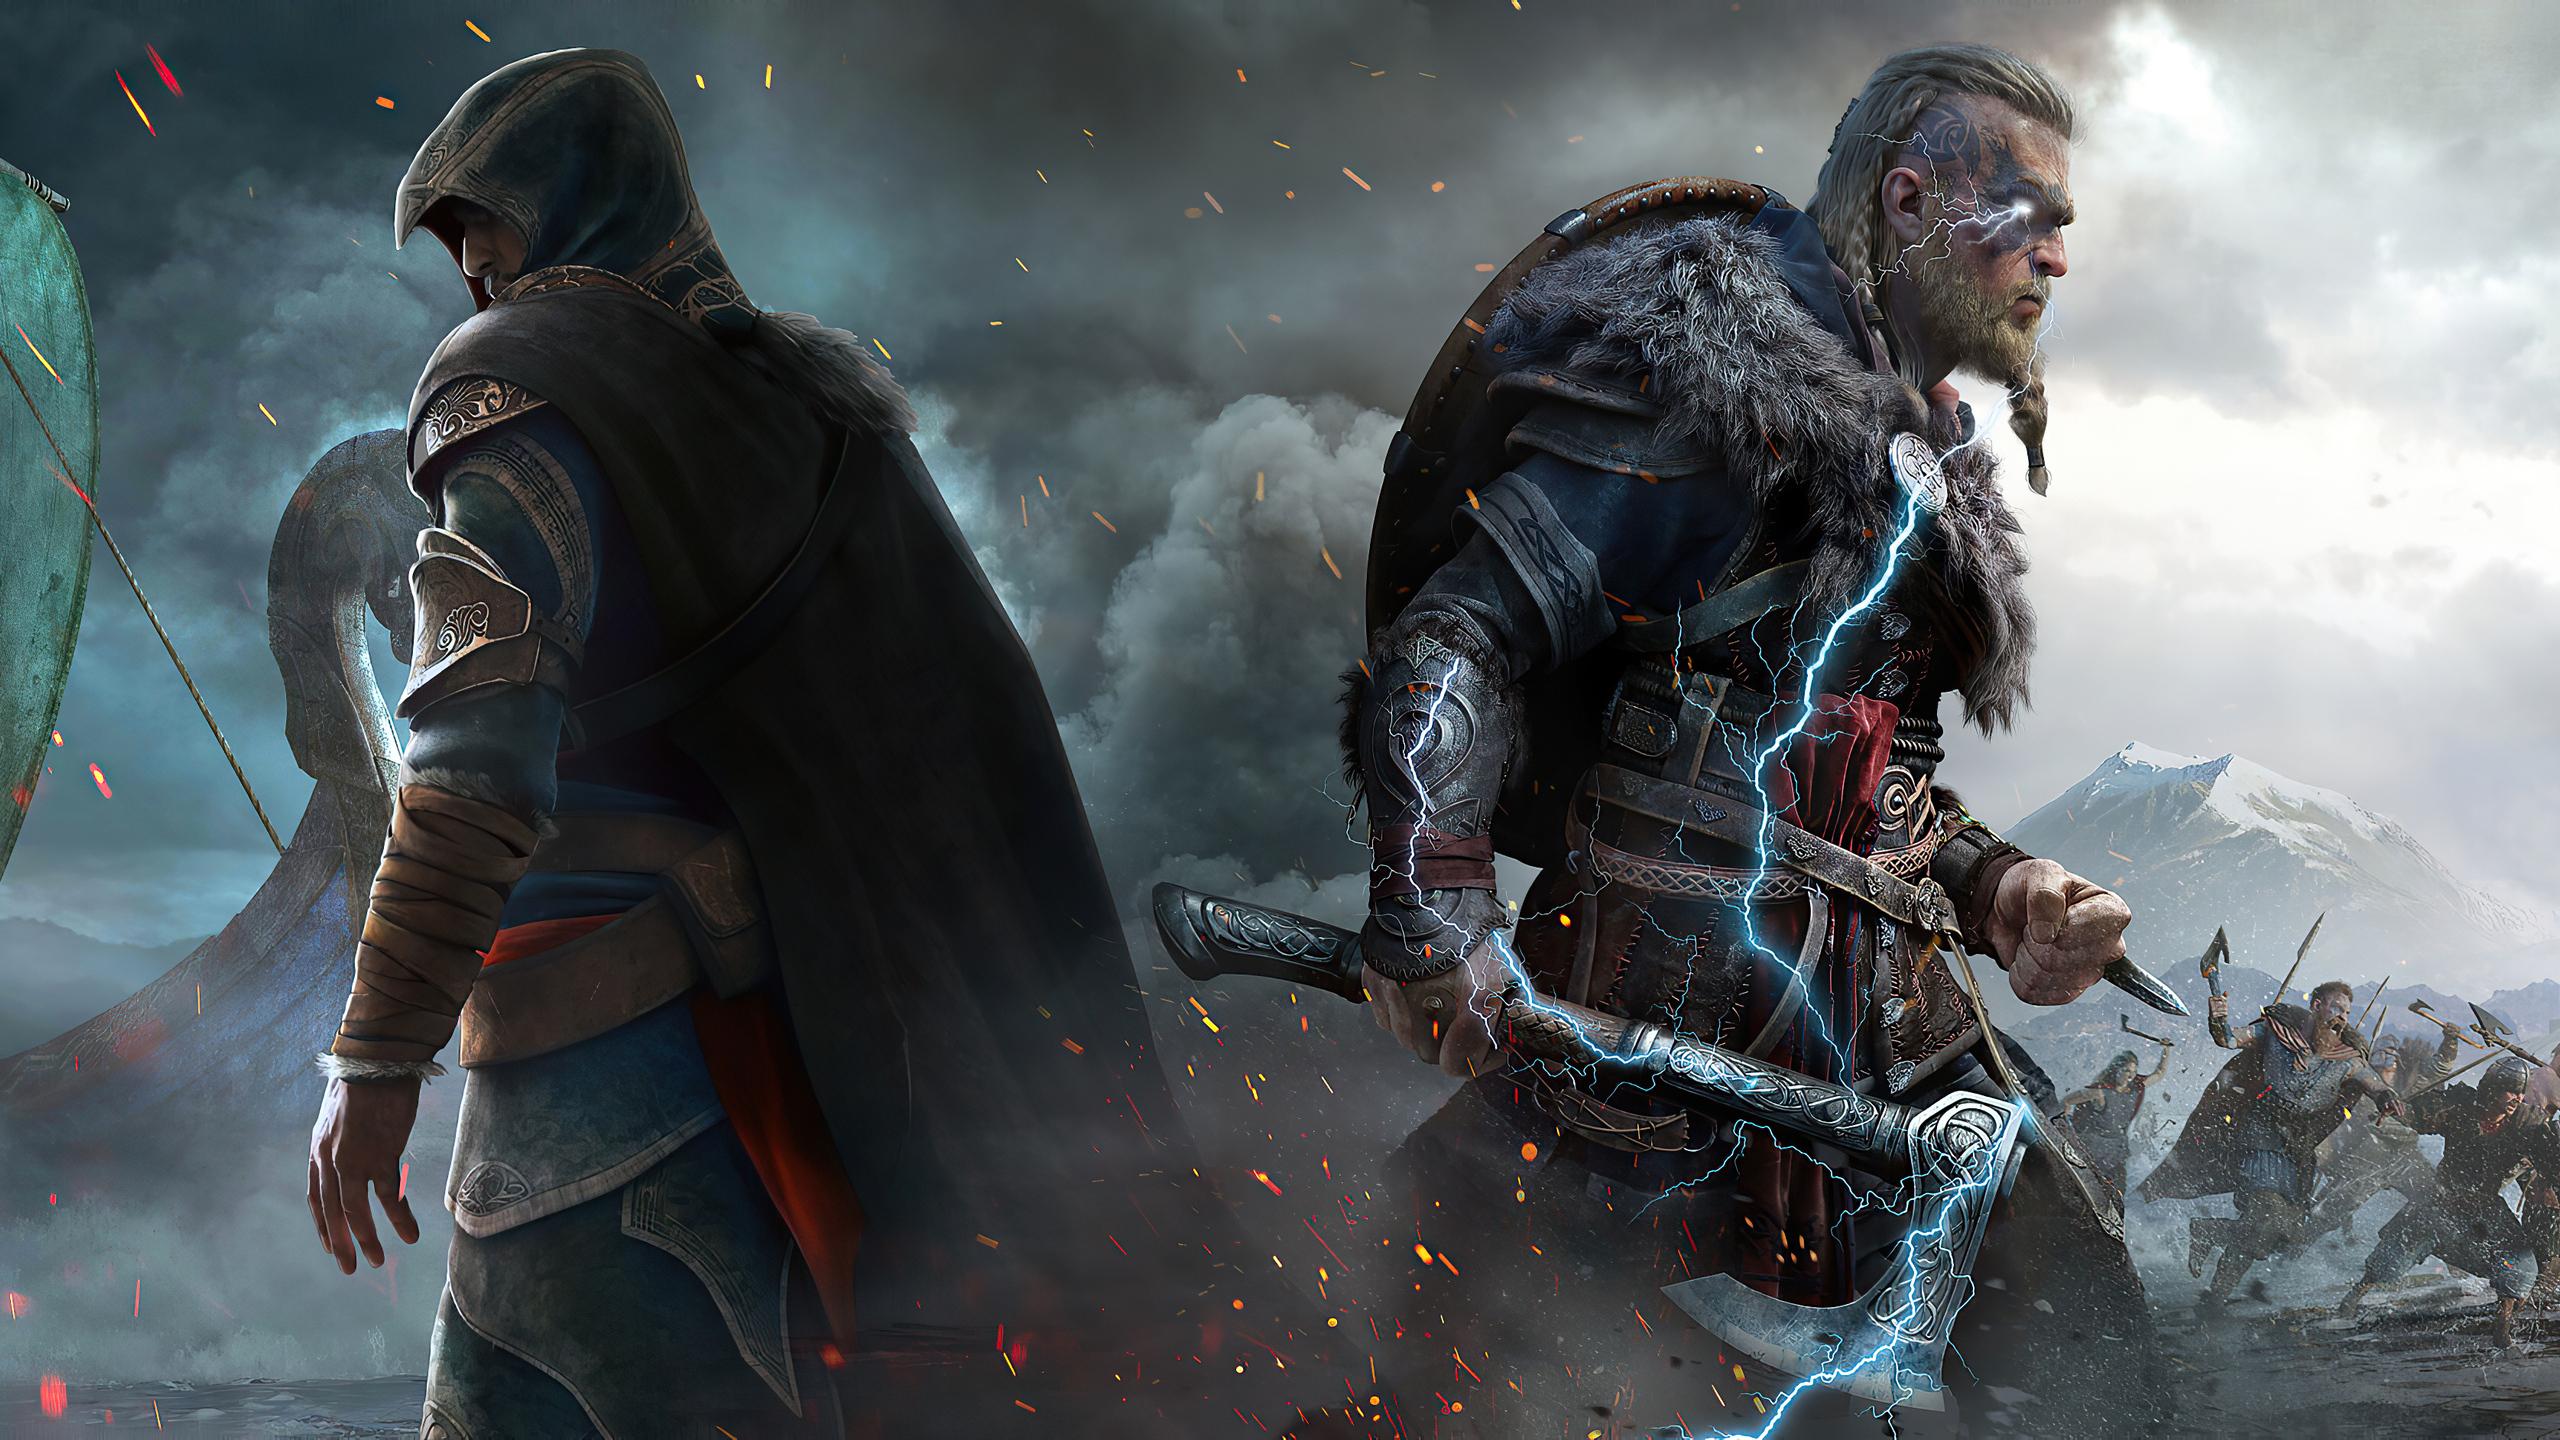 assassins-creed-valhalla-game-new-ei.jpg